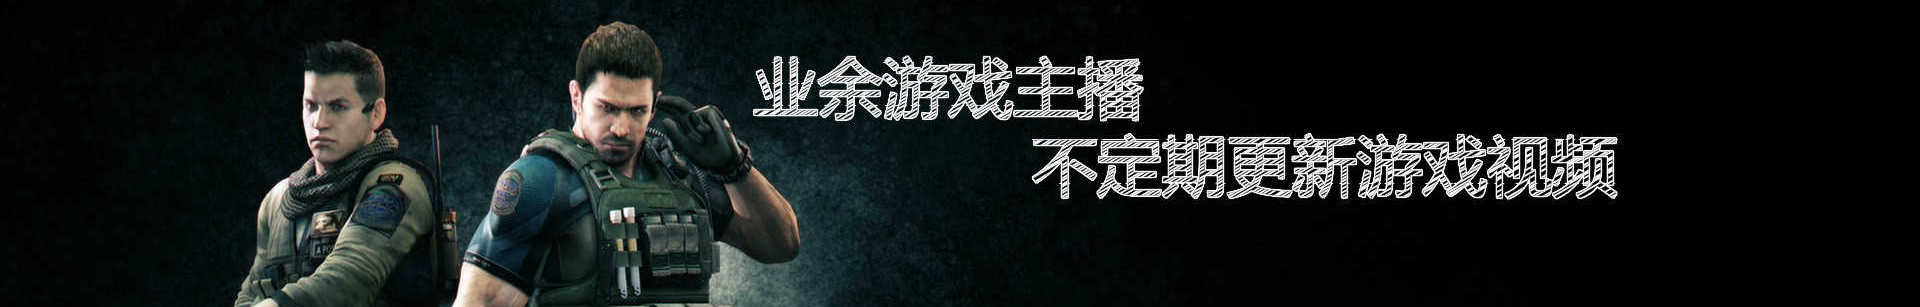 贪吃宇 banner